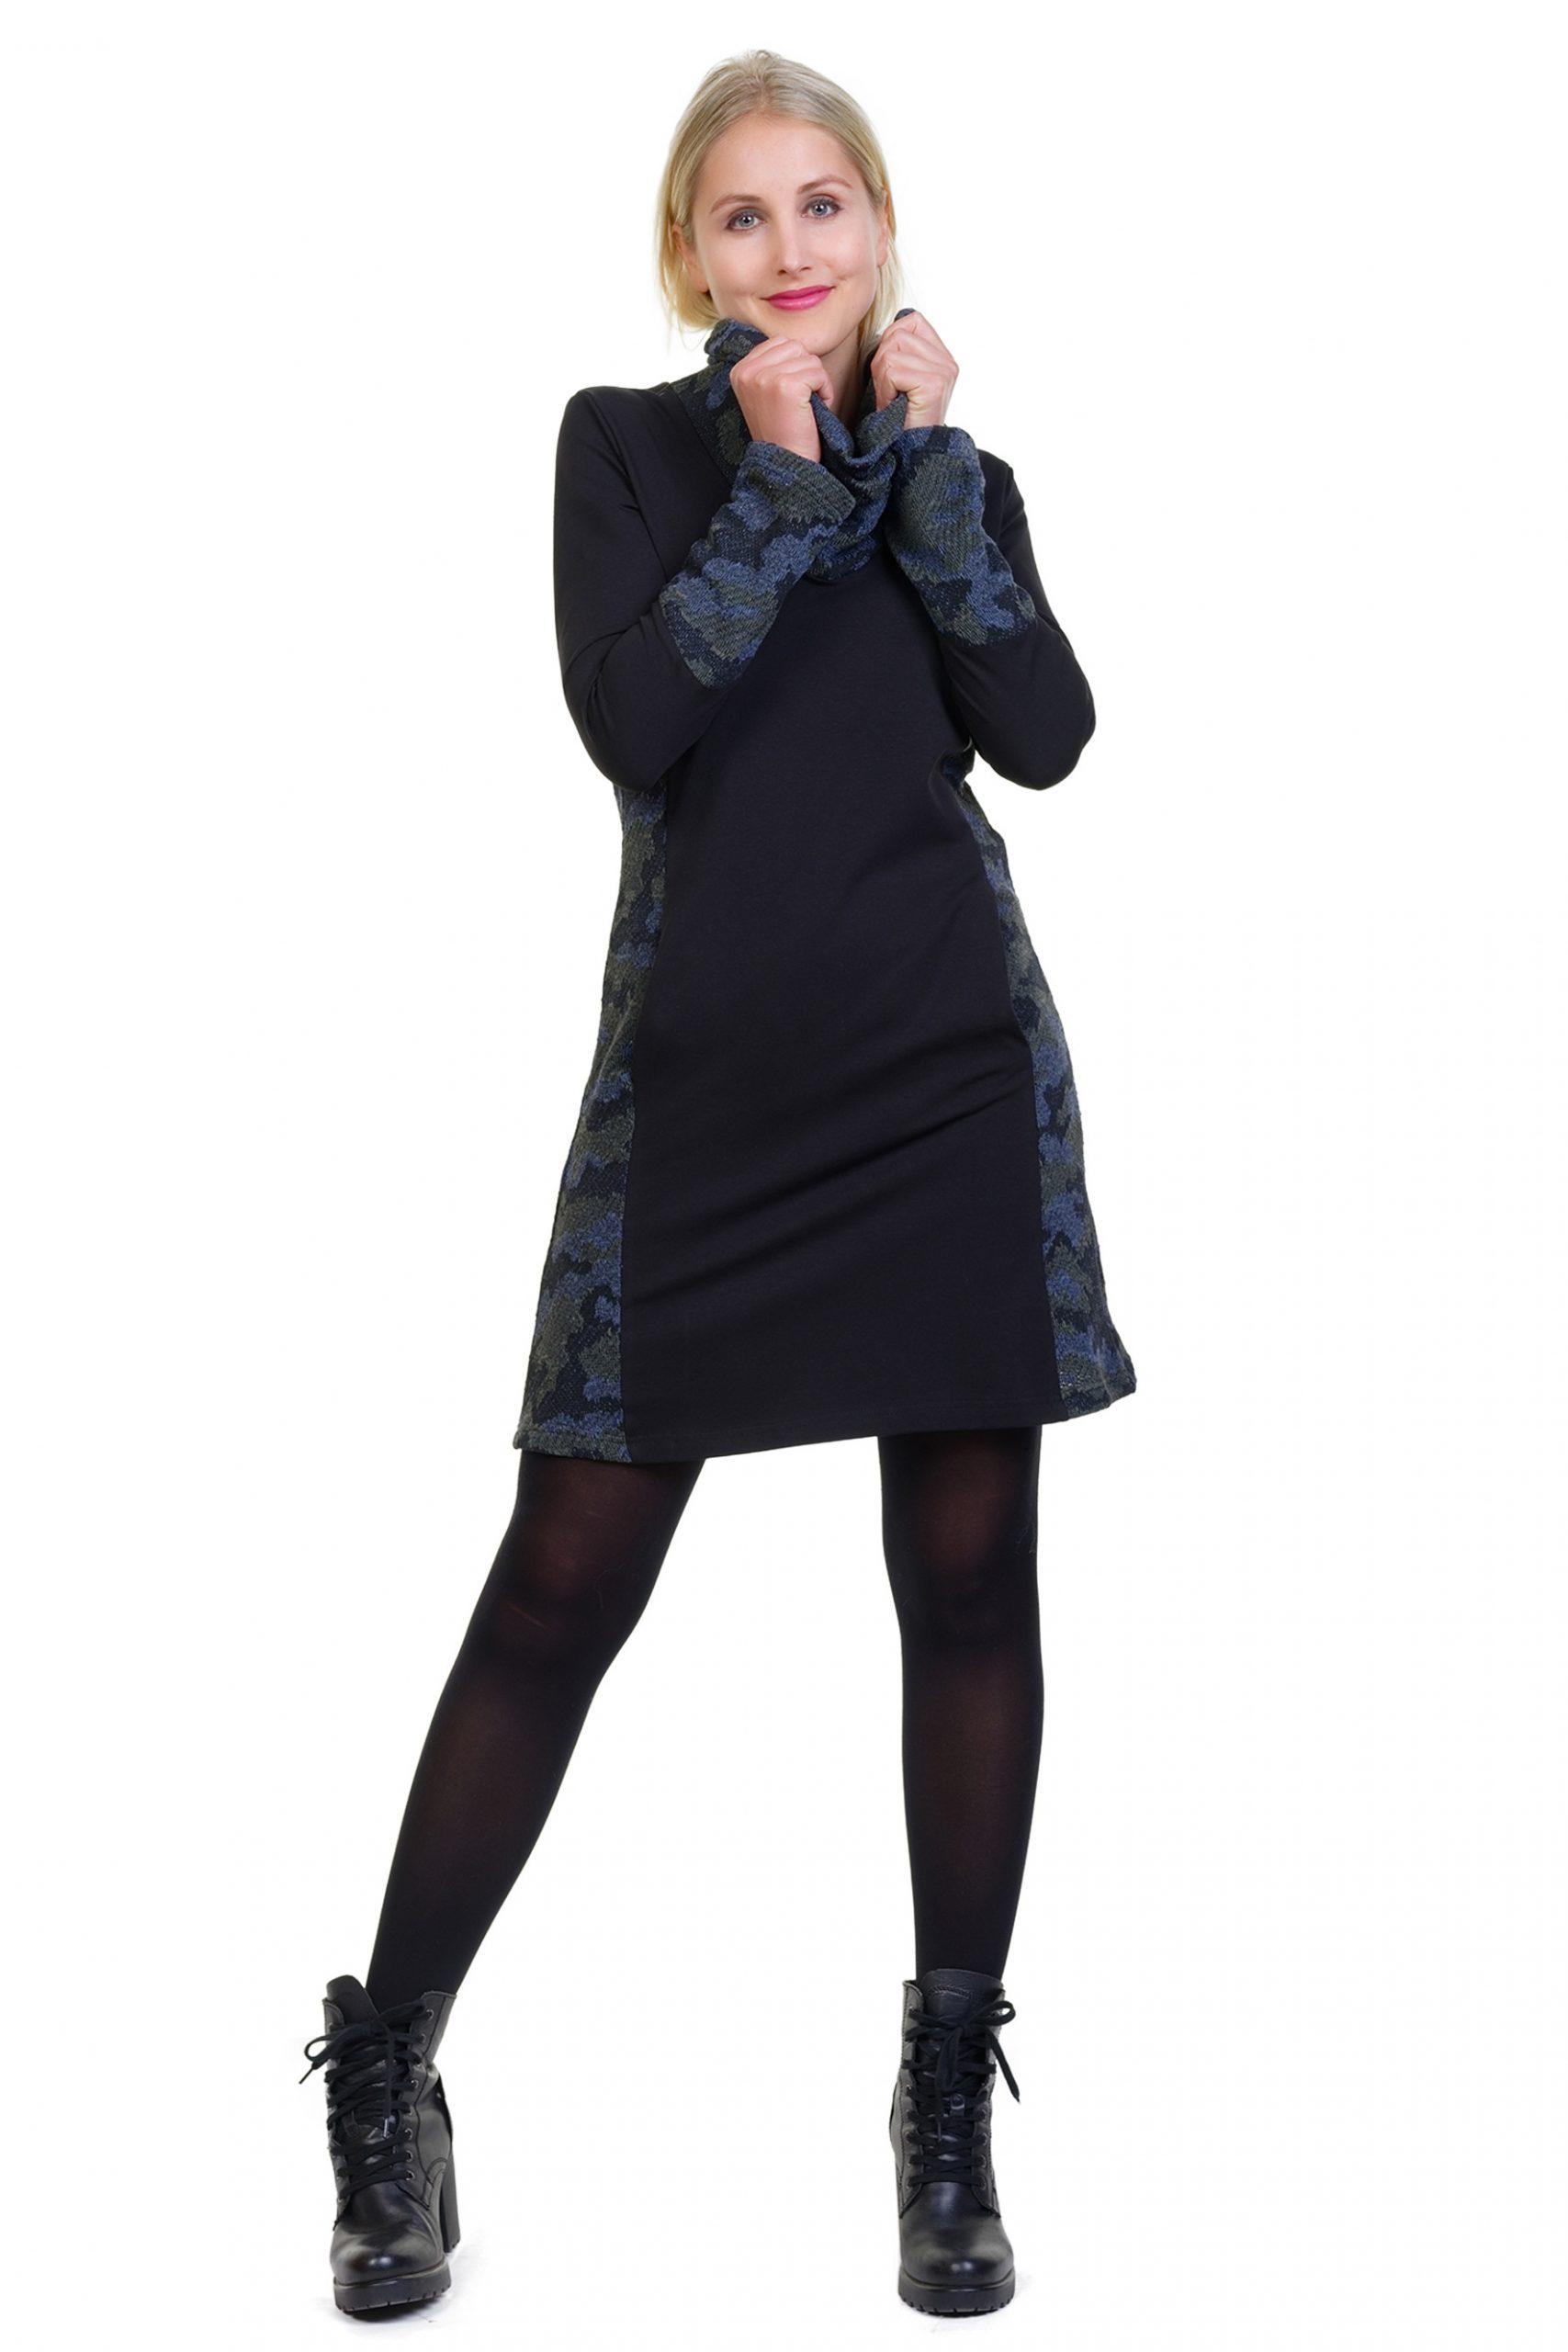 Herbstkönigin Kleid Camouflage Strick  Farbe Camouflage